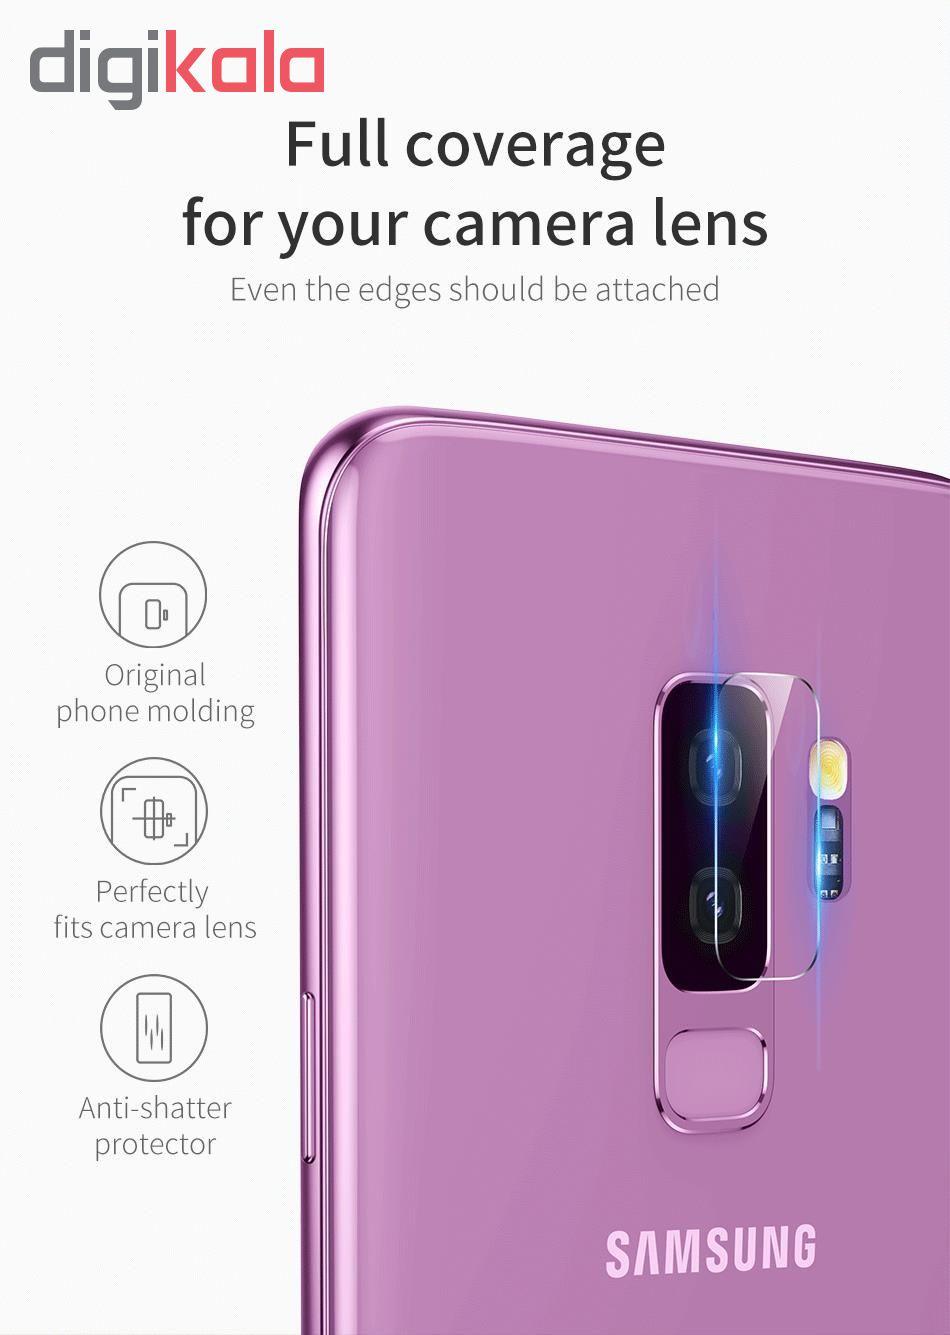 محافظ صفحه نمایش اسپایدر مدل Super Hard 5D مناسب برای گوشی سامسونگ galaxy S9 Plus به همراه محافظ لنز دوربین main 1 8